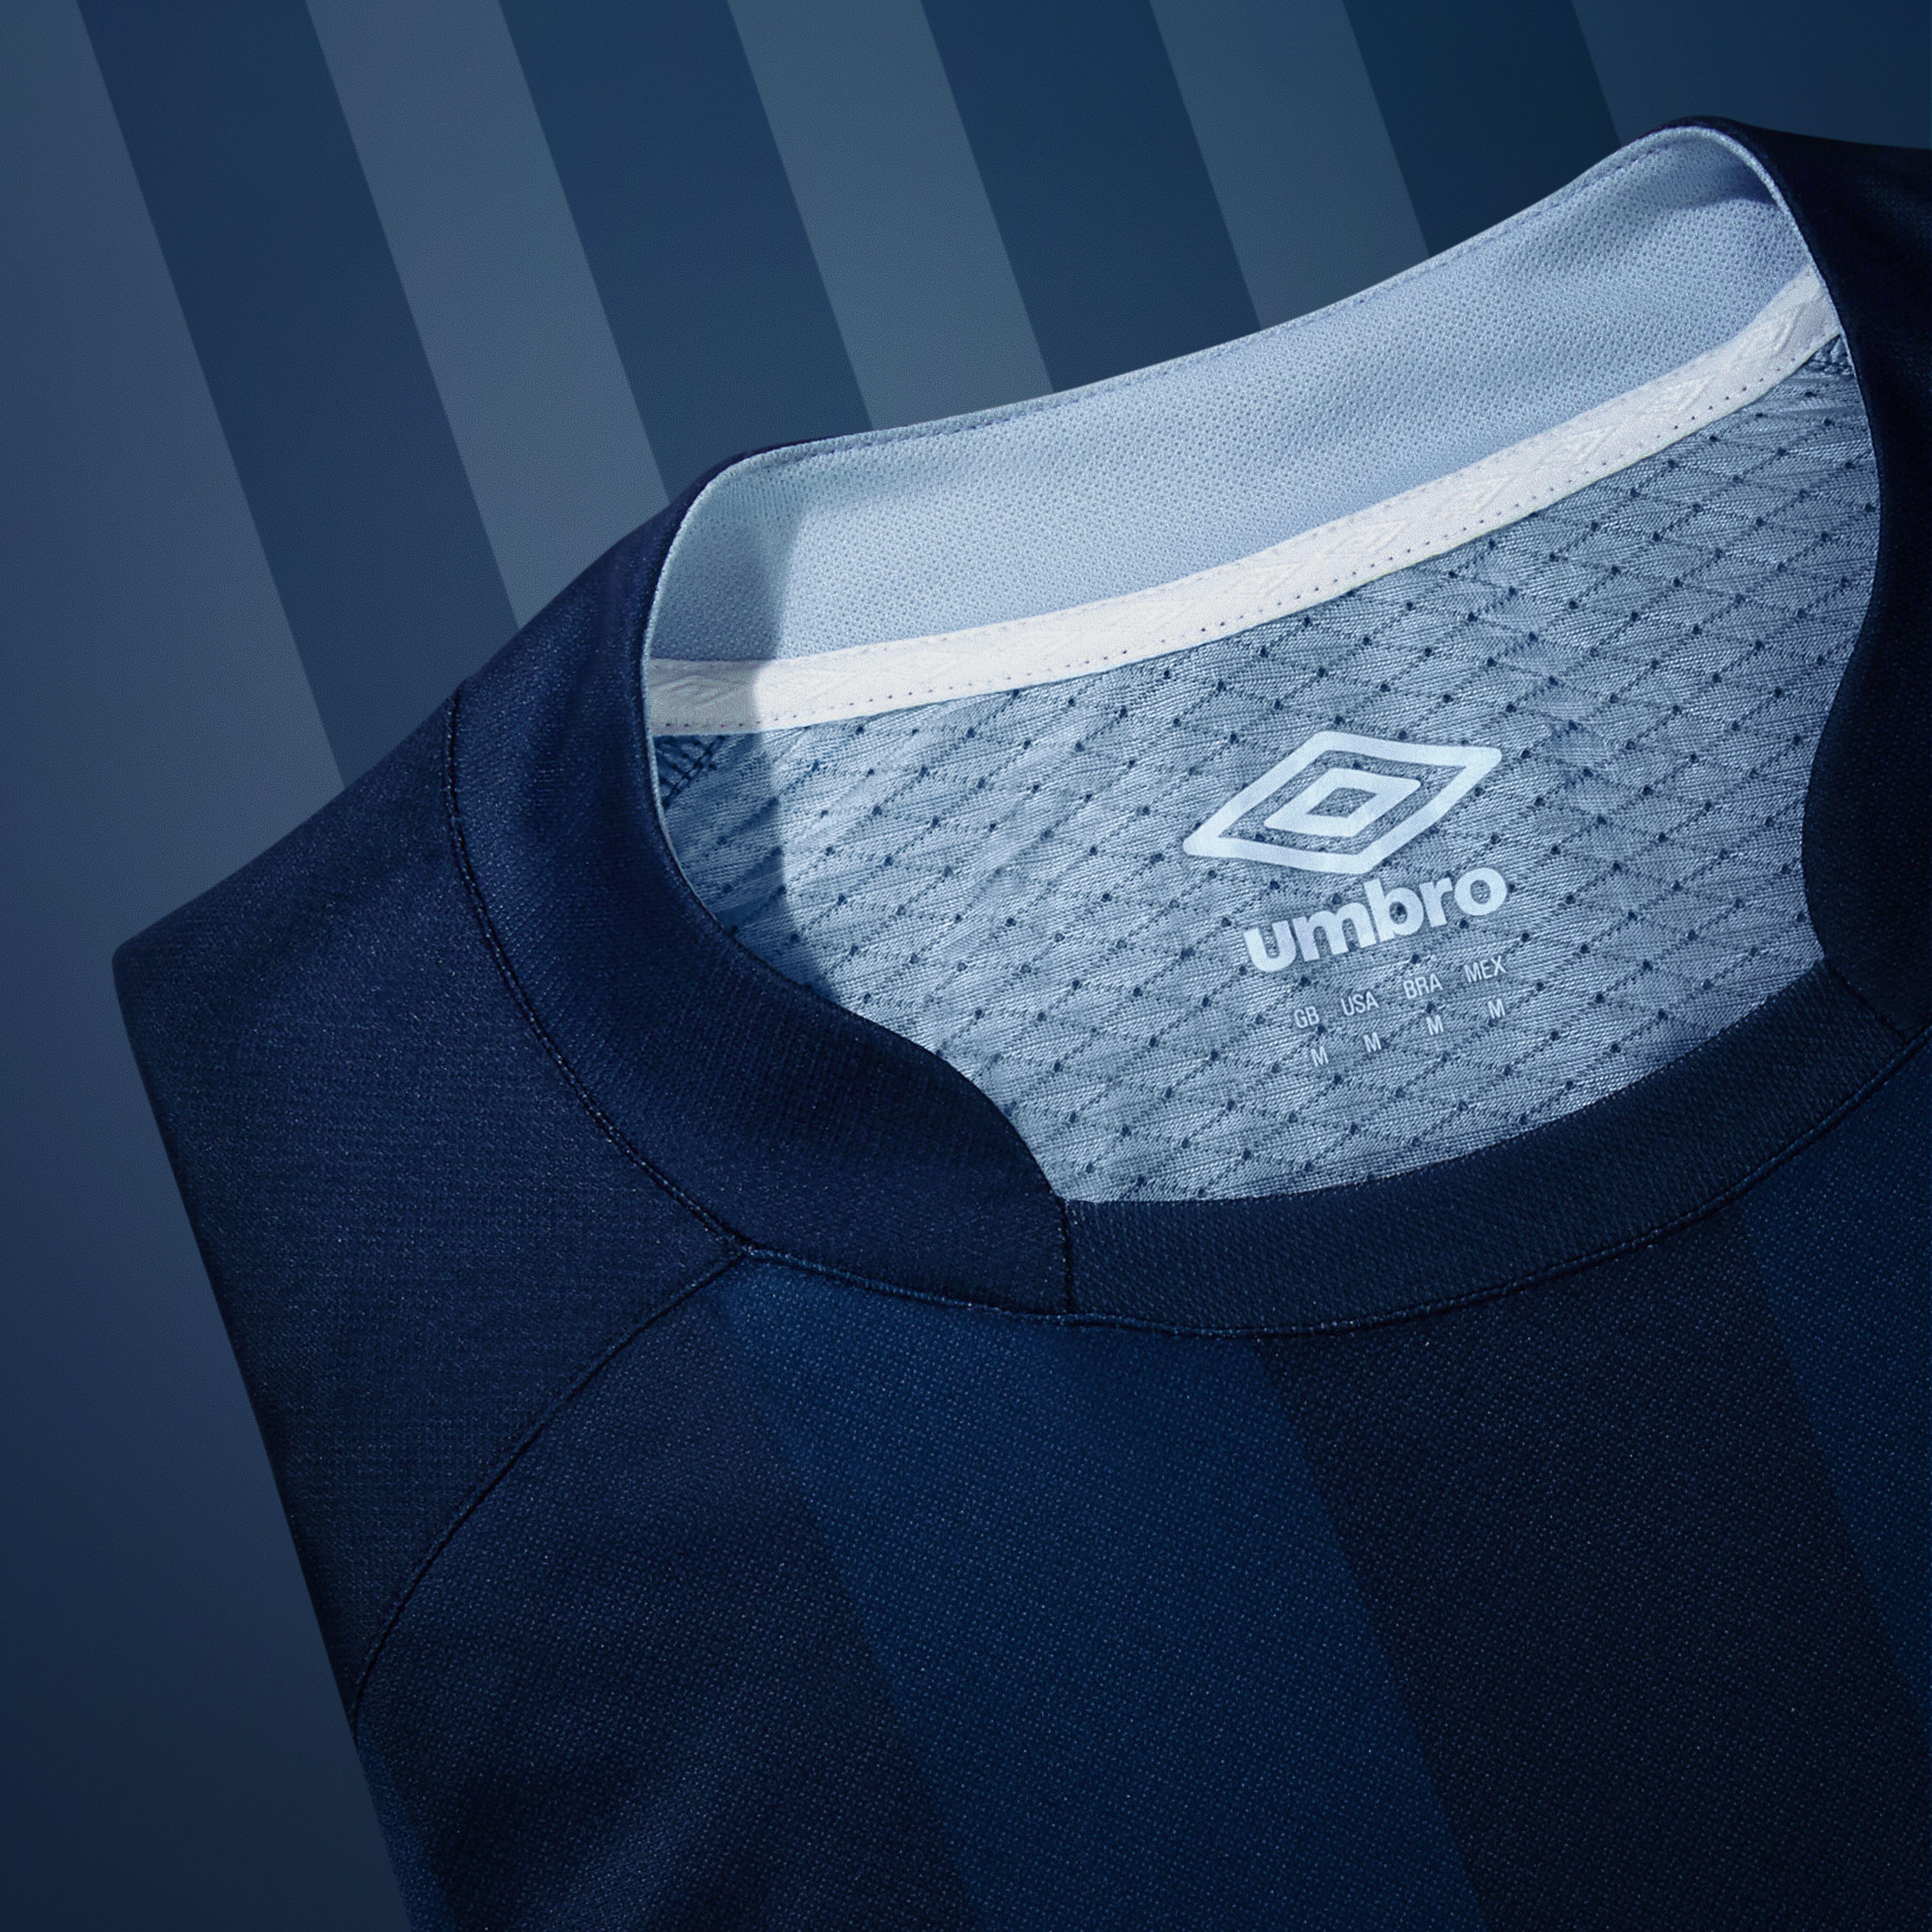 2758ad59bda41 Paris Saint-Germain divulga nova camisa 1 com várias mudanças ...